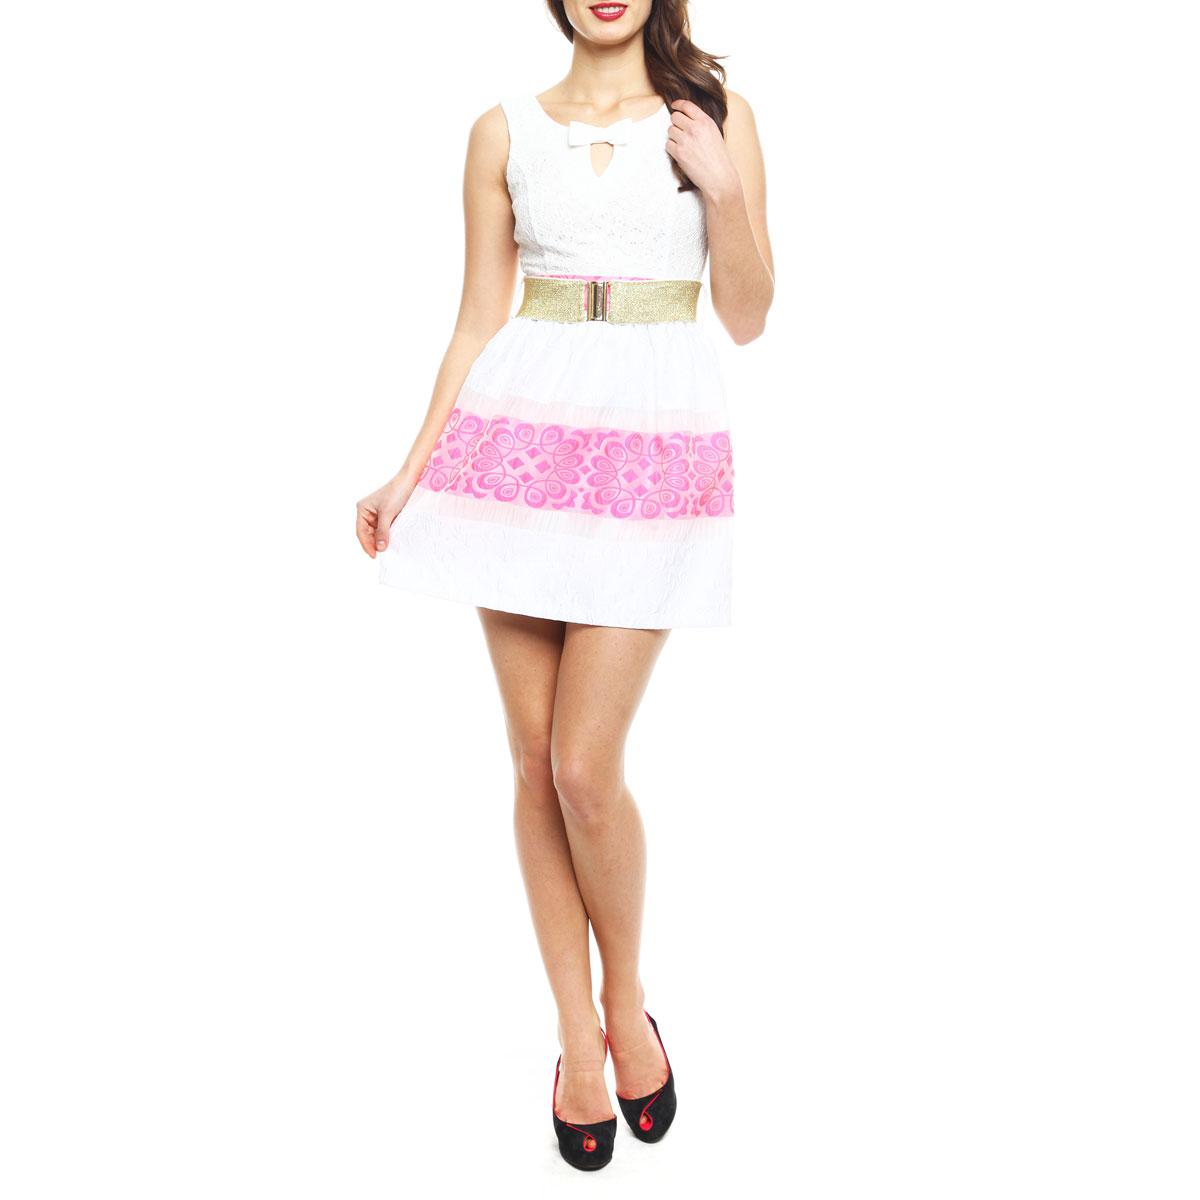 Платье8074-150126TT white-neon pinkЭффектное платье Topsandtops, изготовленное из высококачественного материала, придется по душе любой моднице. Модель на широких бретелях с круглым вырезом горловины застегивается на потайную застежку-молнию, расположенную в боковом шве. Платье приталенного кроя с пышной юбкой идеально сядет на любую фигуру. Линия талии подчеркнута поясом-резинкой, входящим в комплект. Верхняя часть платья выполнена из нежного гипюра. Спереди лиф оформлен V-образным вырезом на груди и кокетливым бантиком. На спинке - оригинальный вырез с двумя перемычками, также декорированными бантами. Юбка с фактурным узором имеет полупрозрачные вставки и выполнена в сочетании двух контрастных цветов. Юбка дополнена приятной подкладочной тканью. Яркое платье - идеальный вариант для создания незабываемого образа.